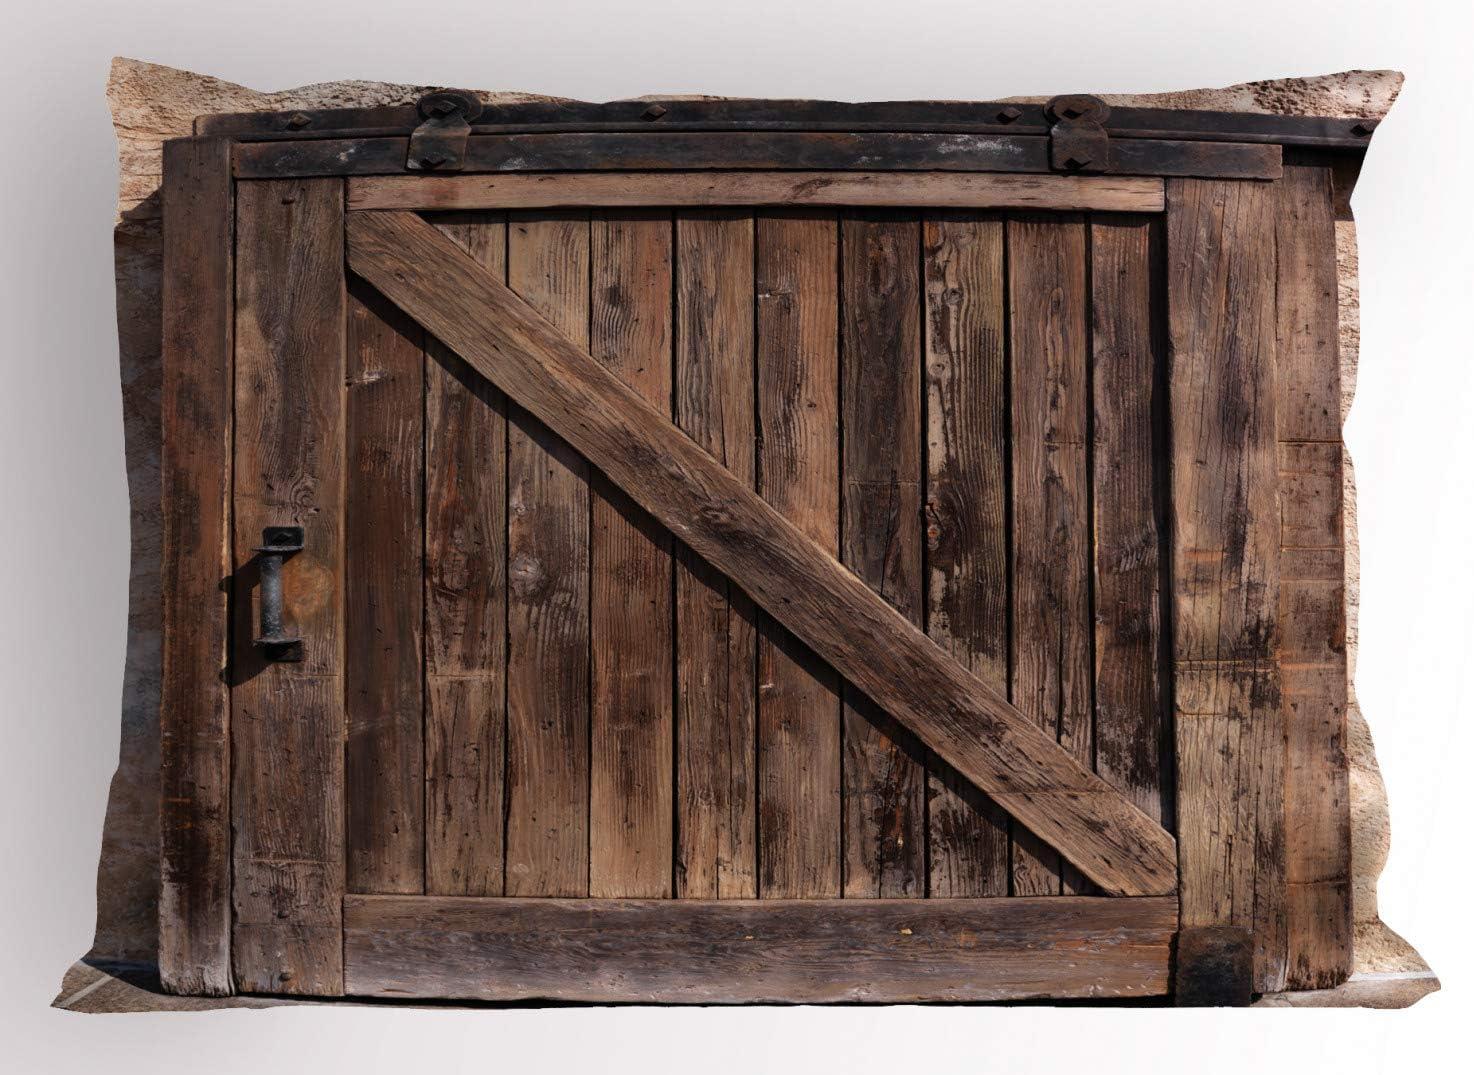 ABAKUHAUS Rústico Funda de Almohada, Puerta Corredera De La Vendimia, Decorativa de Suave Microfibra Estampada Lavable, 65 X 50 cm, Marrón Beige: Amazon.es: Hogar